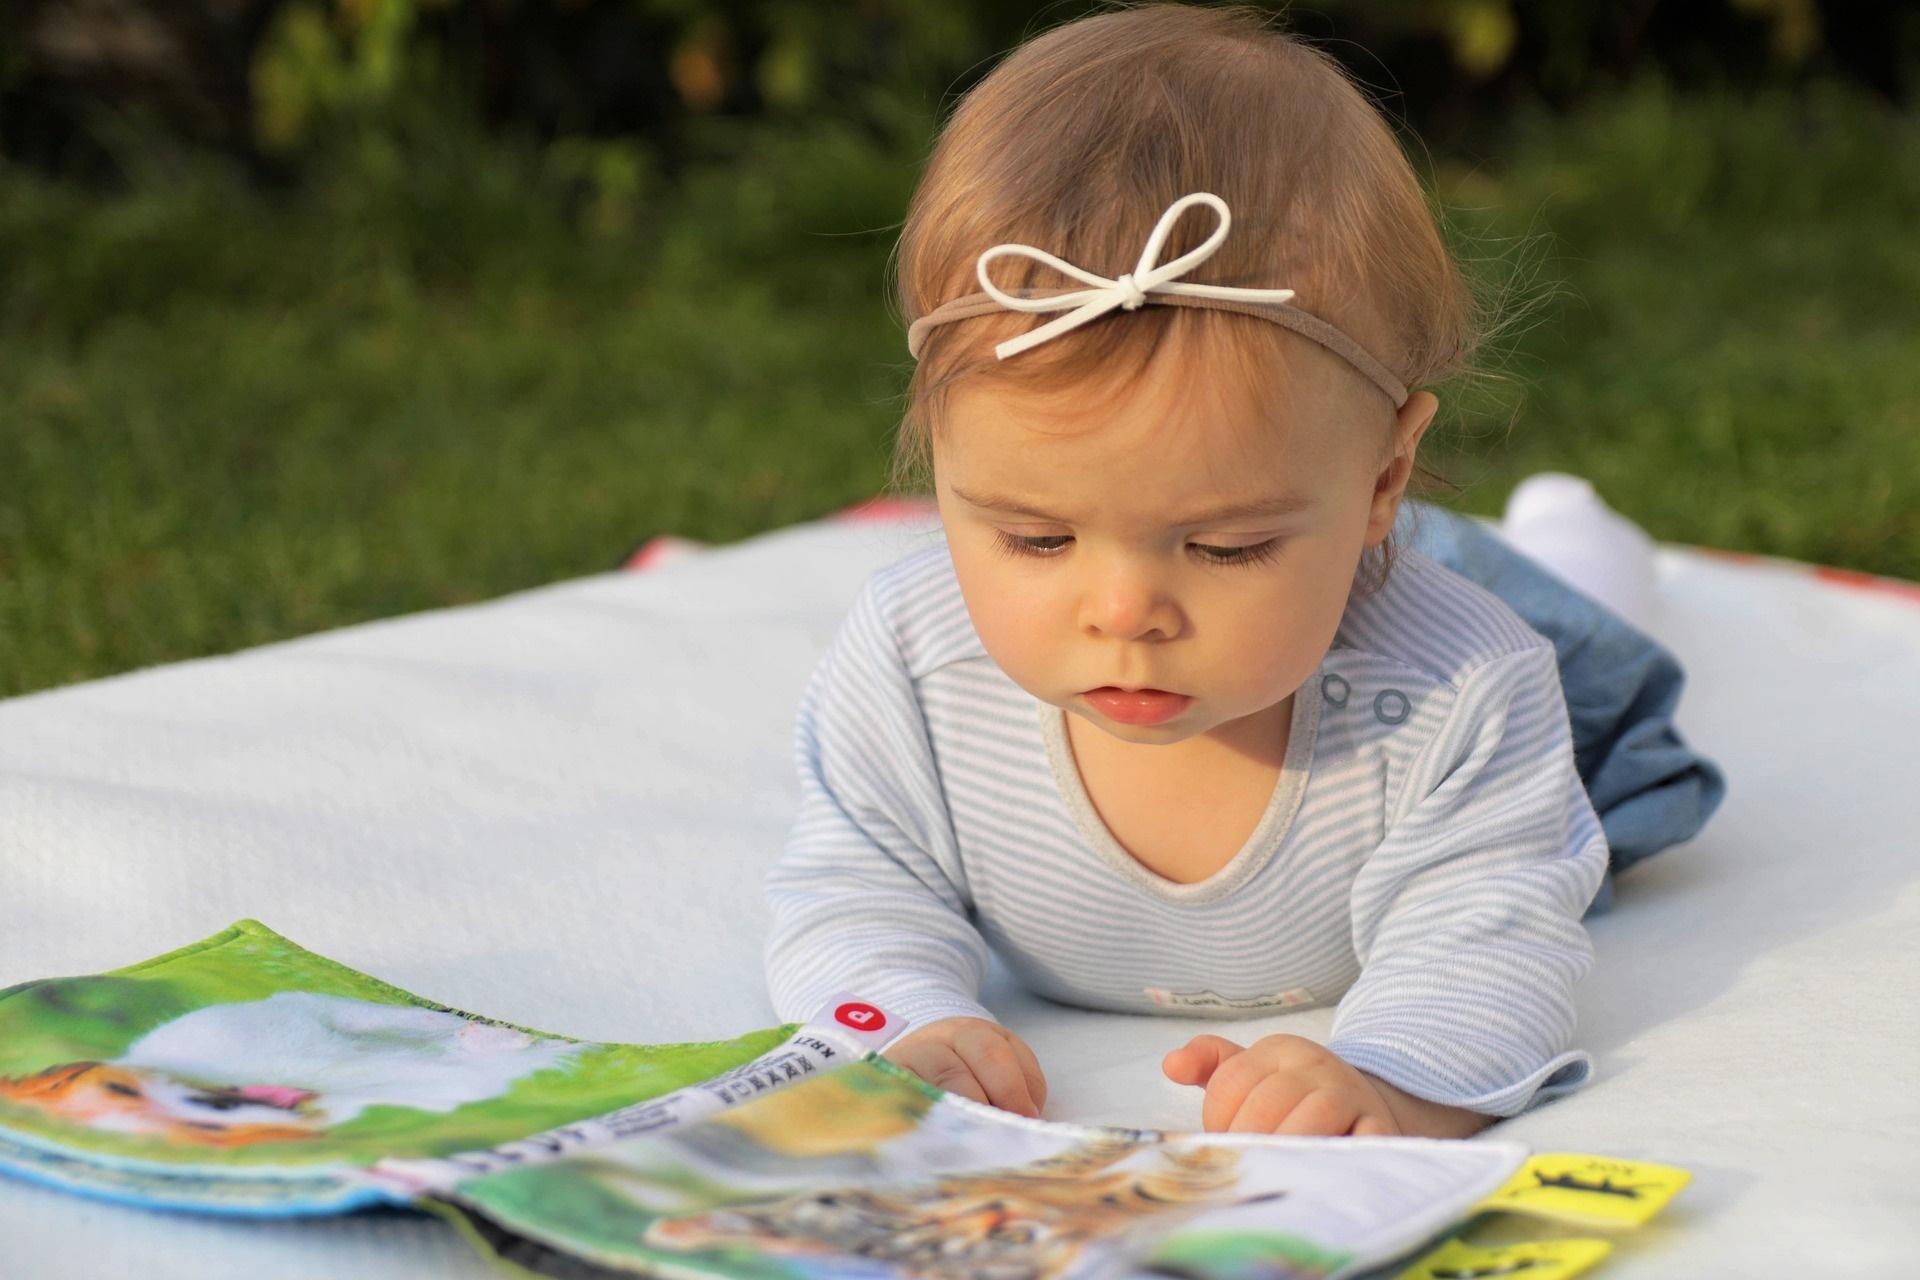 بالصور صور اجمل طفل , اجمل واروع صور الاطفال 3562 9